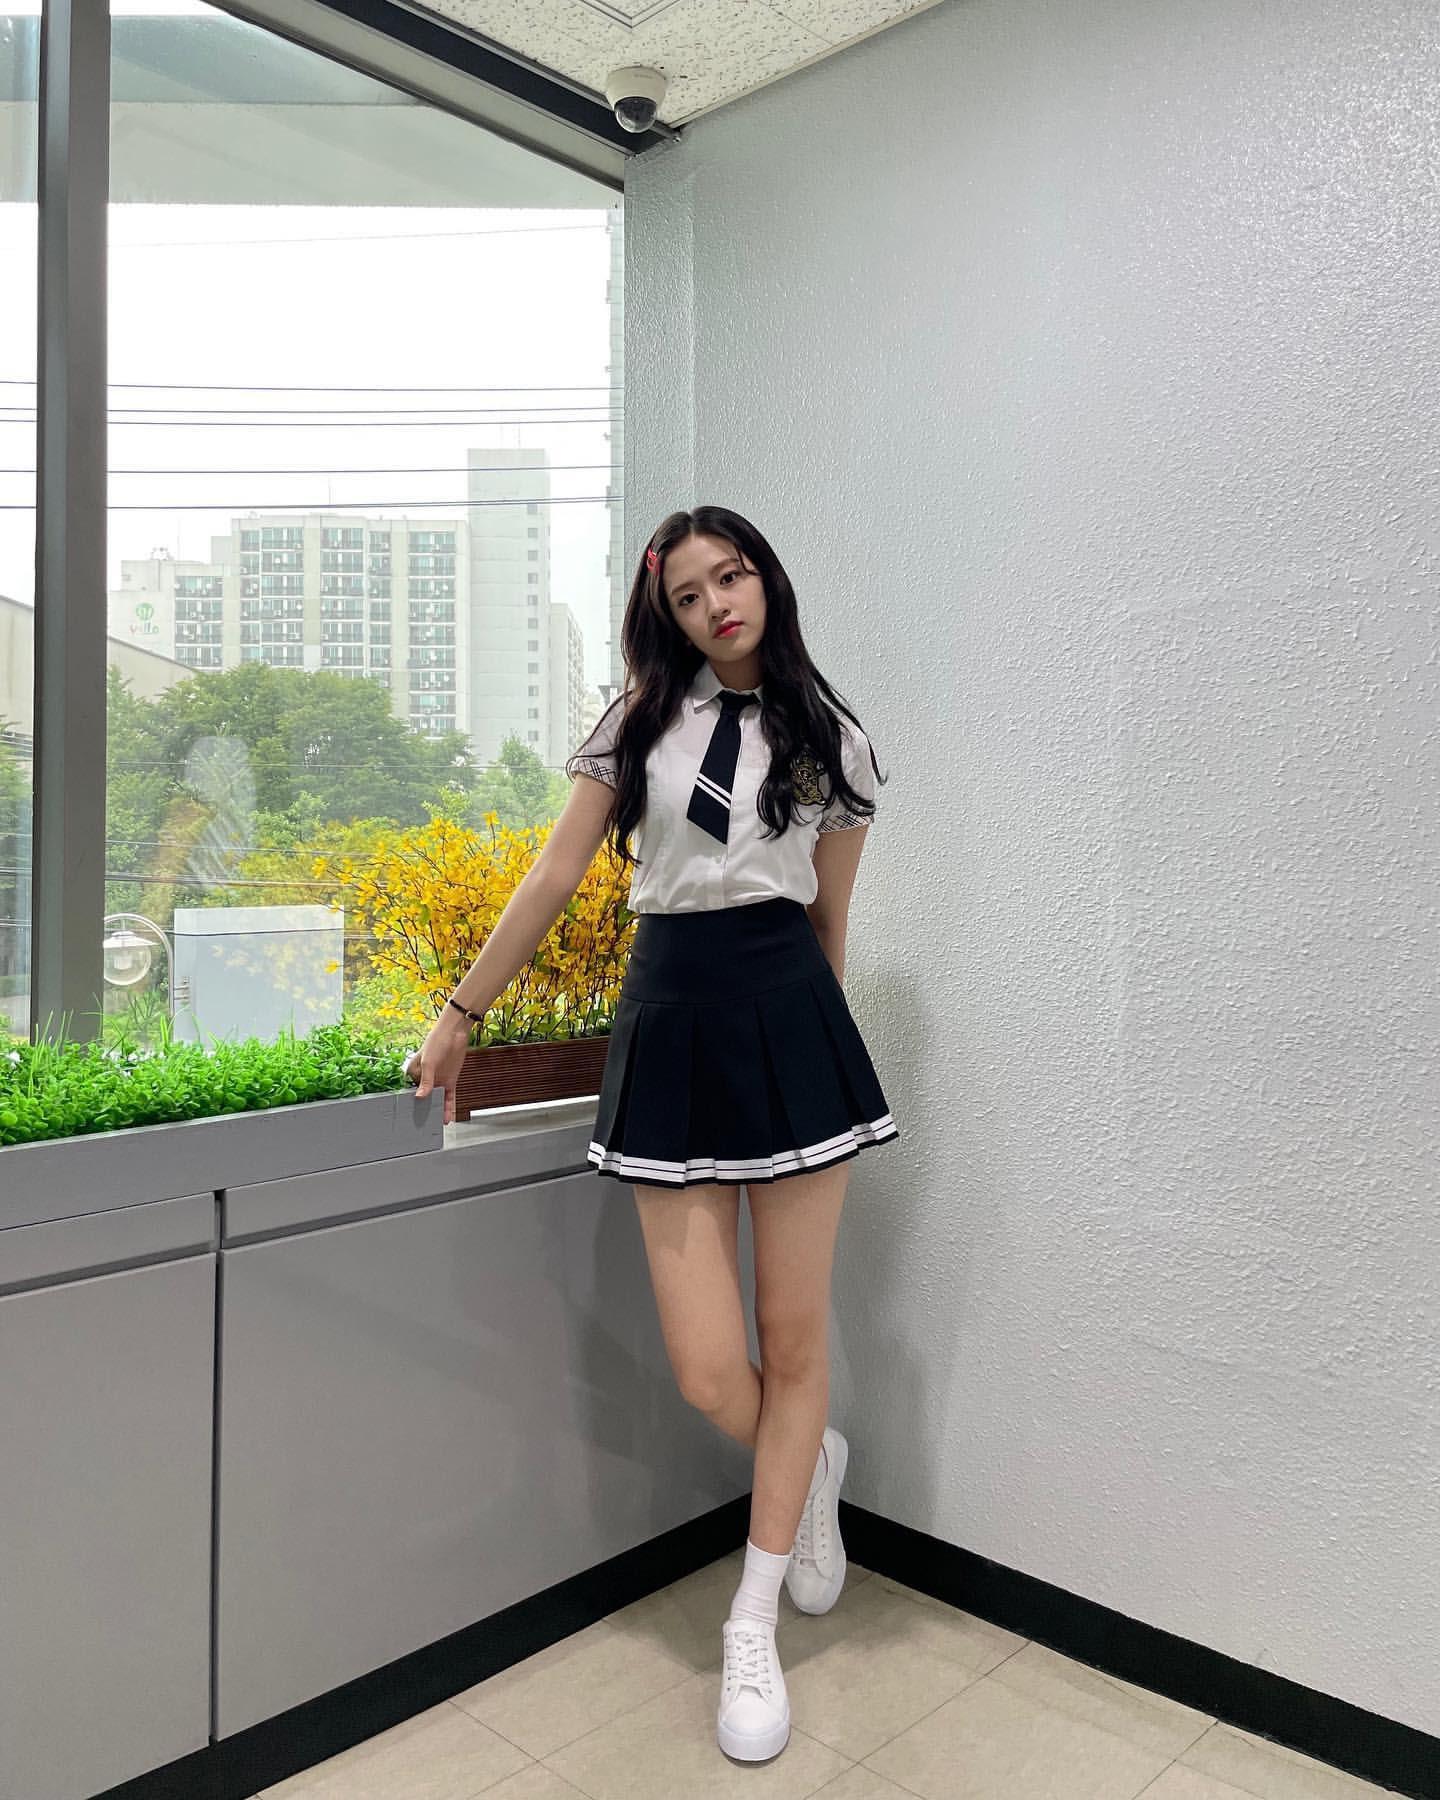 Khi diện set đồ theo phong cách nữ sinh đơn giản, Yu Jin vẫn rất nổi bật nhờ đôi chân thon dài siêu hack dáng.